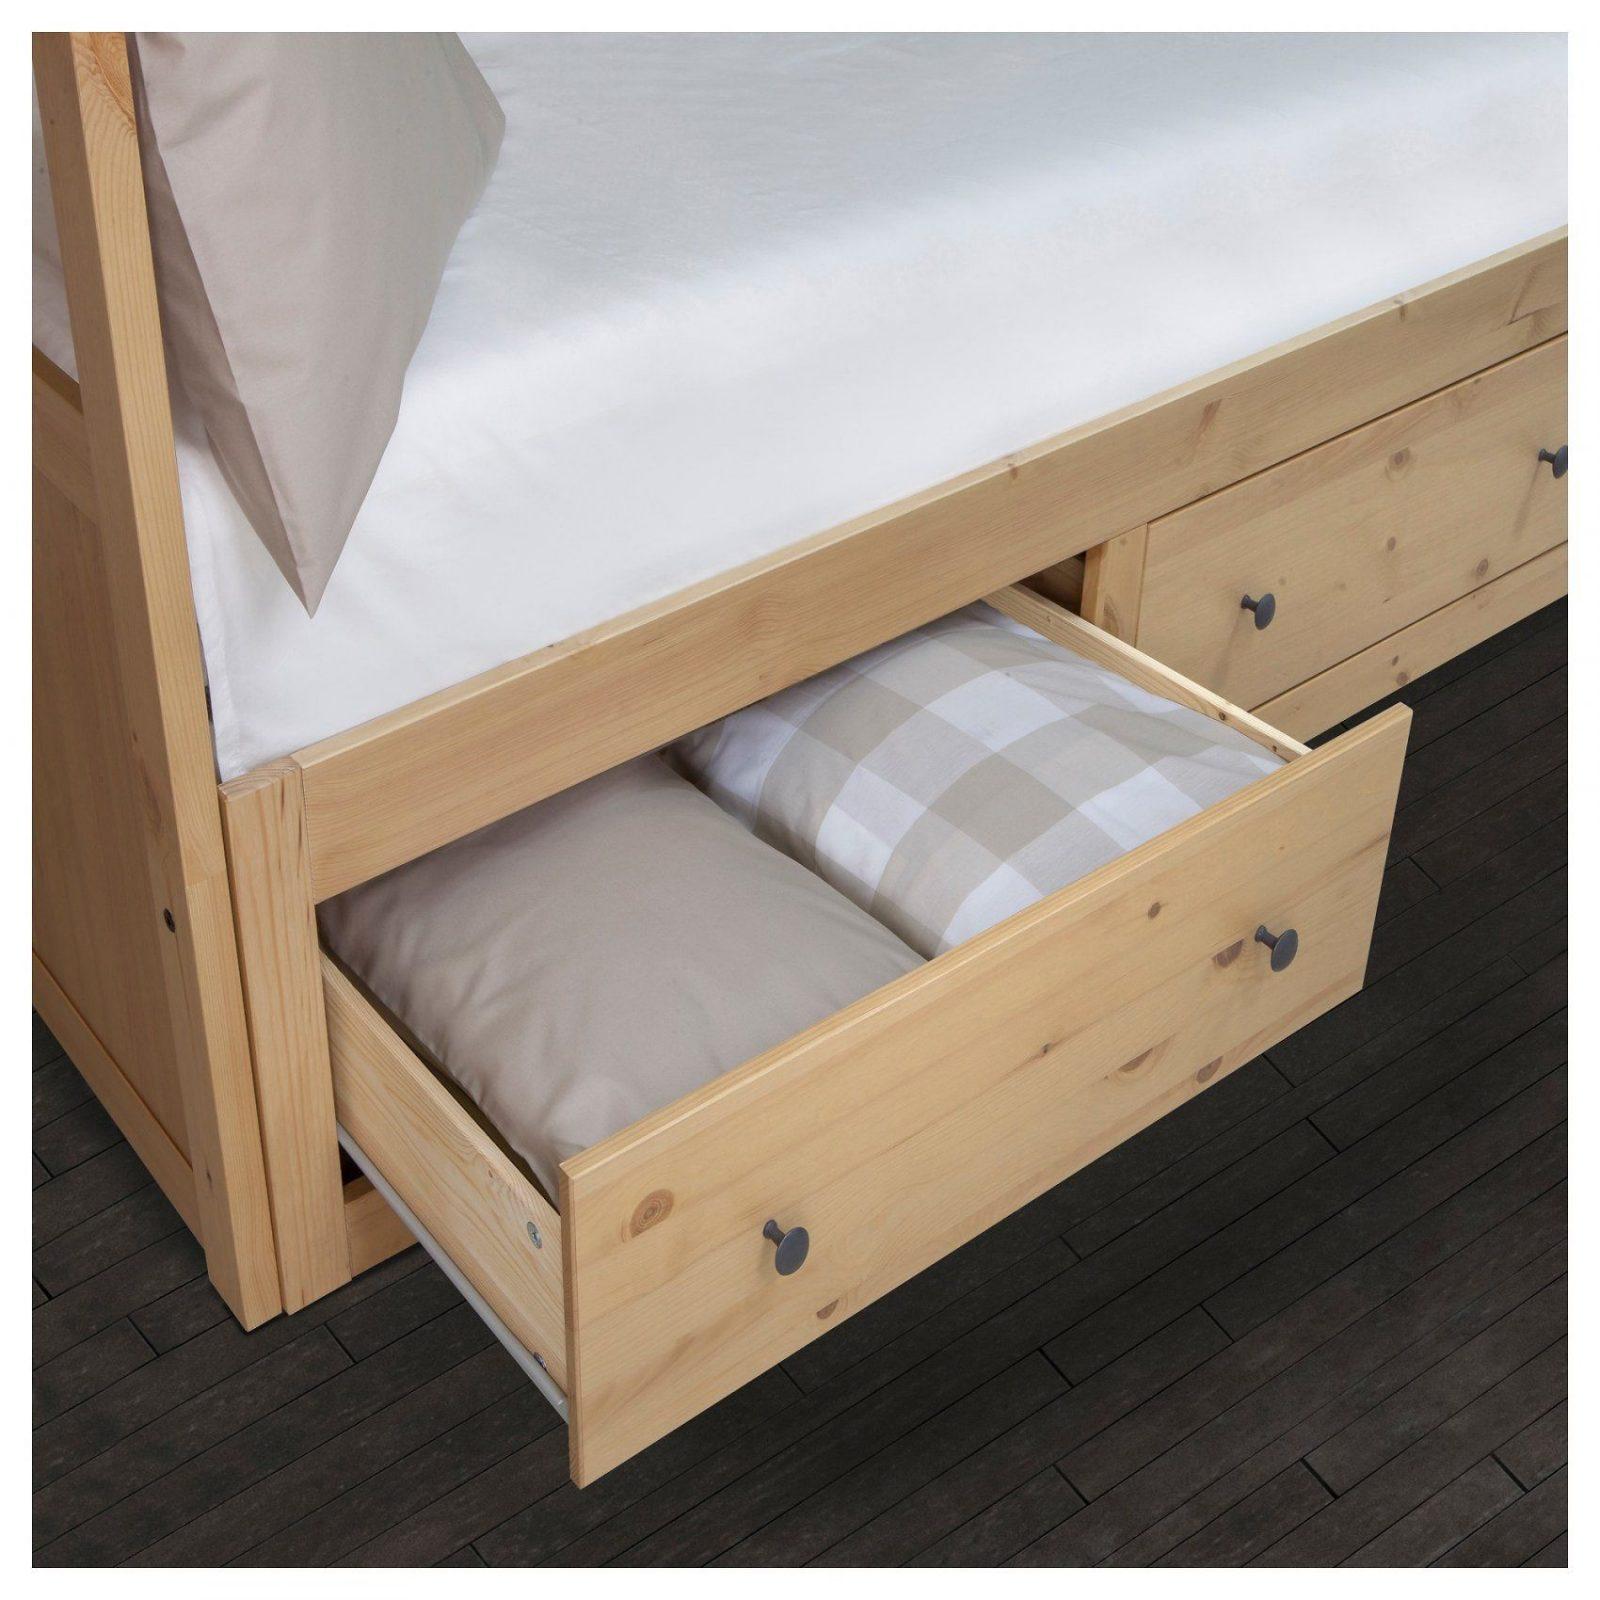 hemnes tagesbett2 schubladen2 matratzen hellbraunmalfors fest von ikea hemnes tagesbett. Black Bedroom Furniture Sets. Home Design Ideas